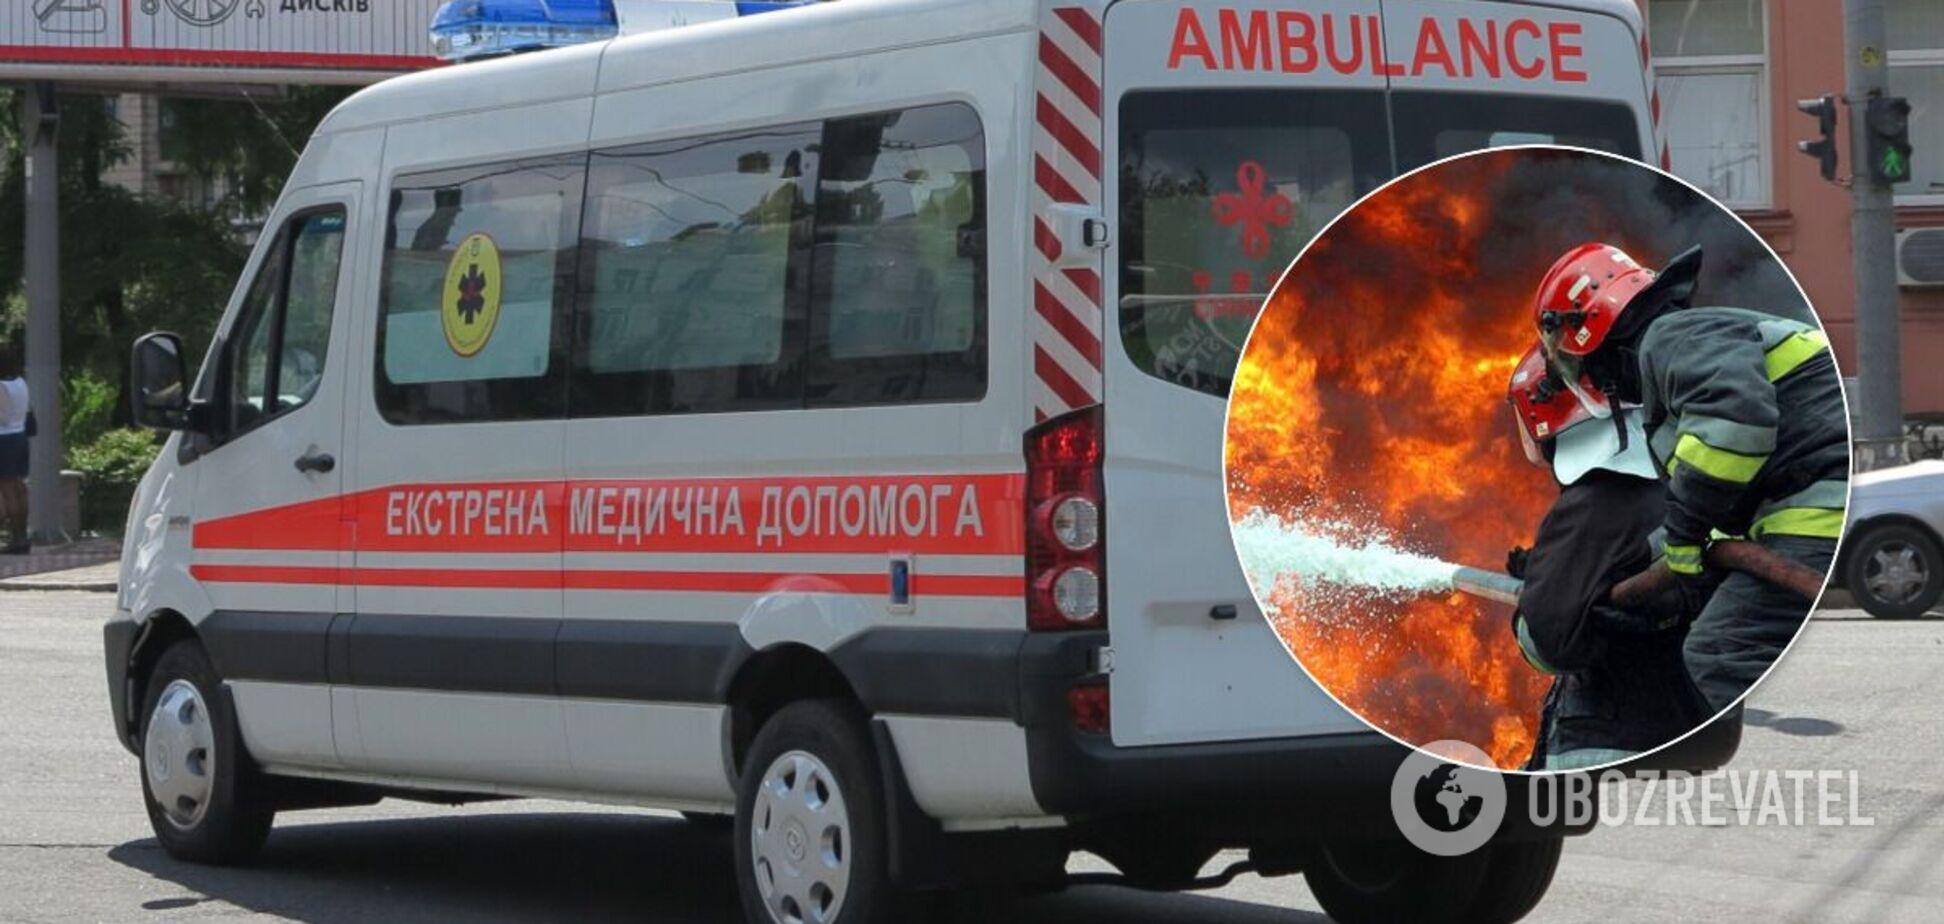 На Днепропетровщине в пожаре погибло трое детей